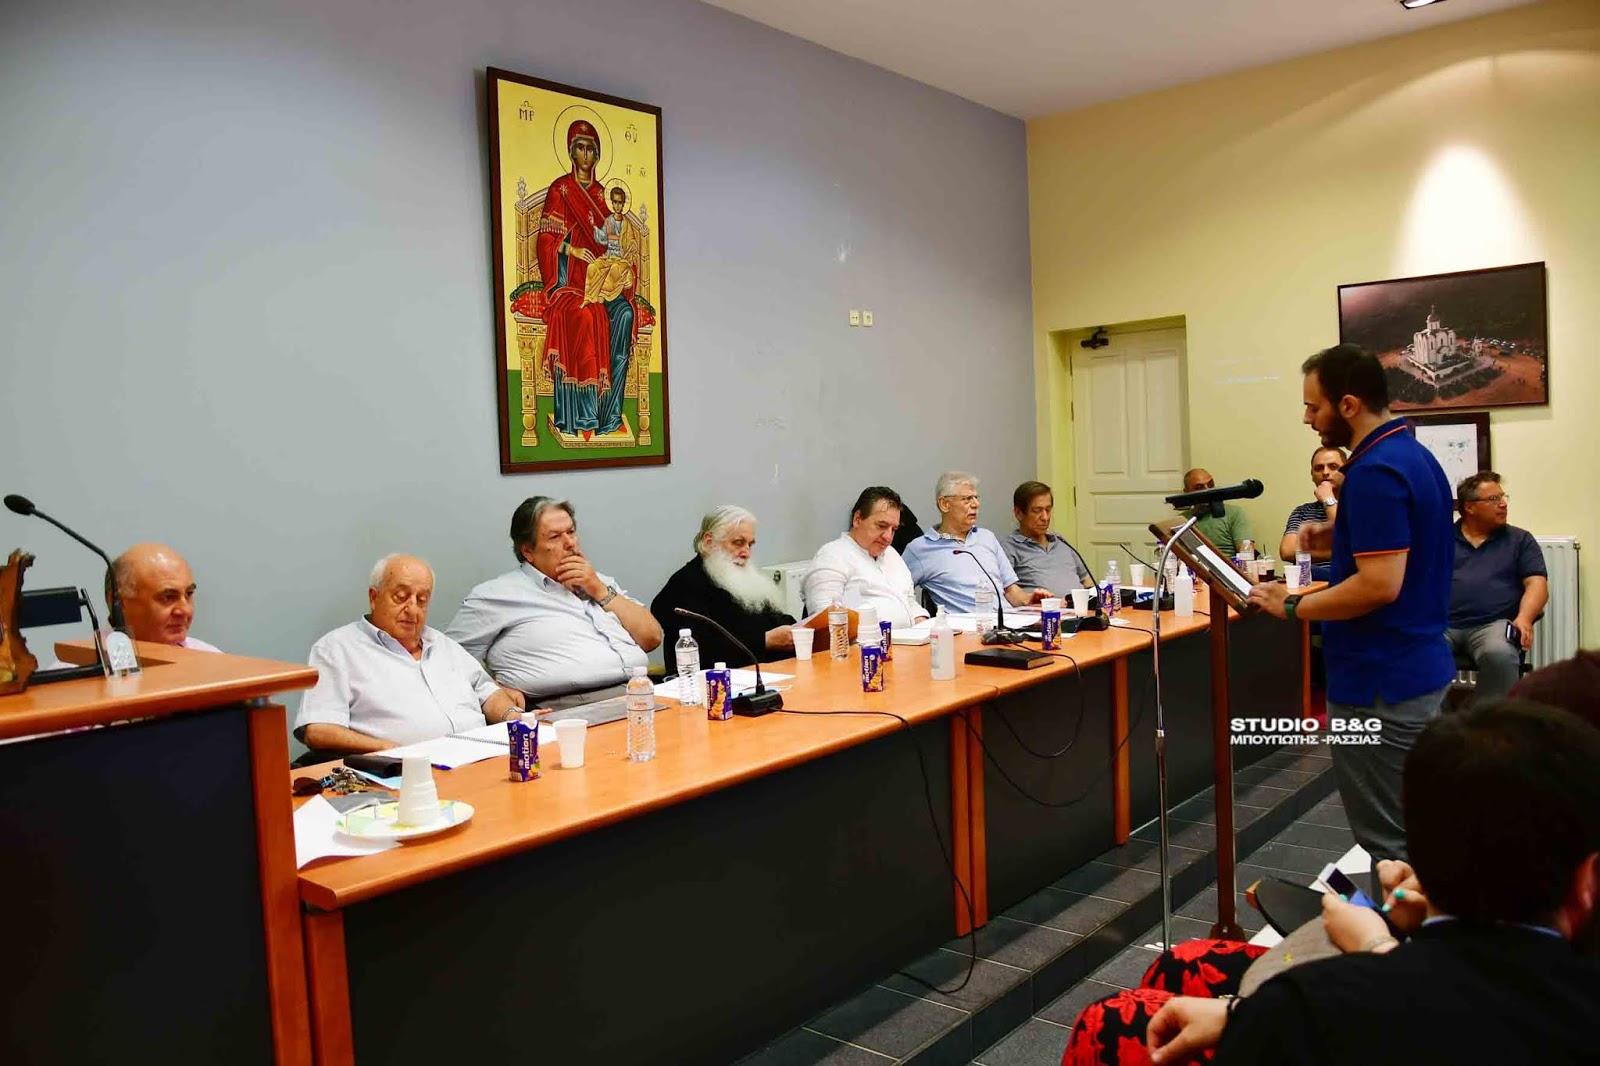 Απολυτήριες, πτυχιακές και διπλωματικές εξετάσεις στη Σχολή Βυζαντινής Μουσικής της Ι.Μ. Αργολίδoς